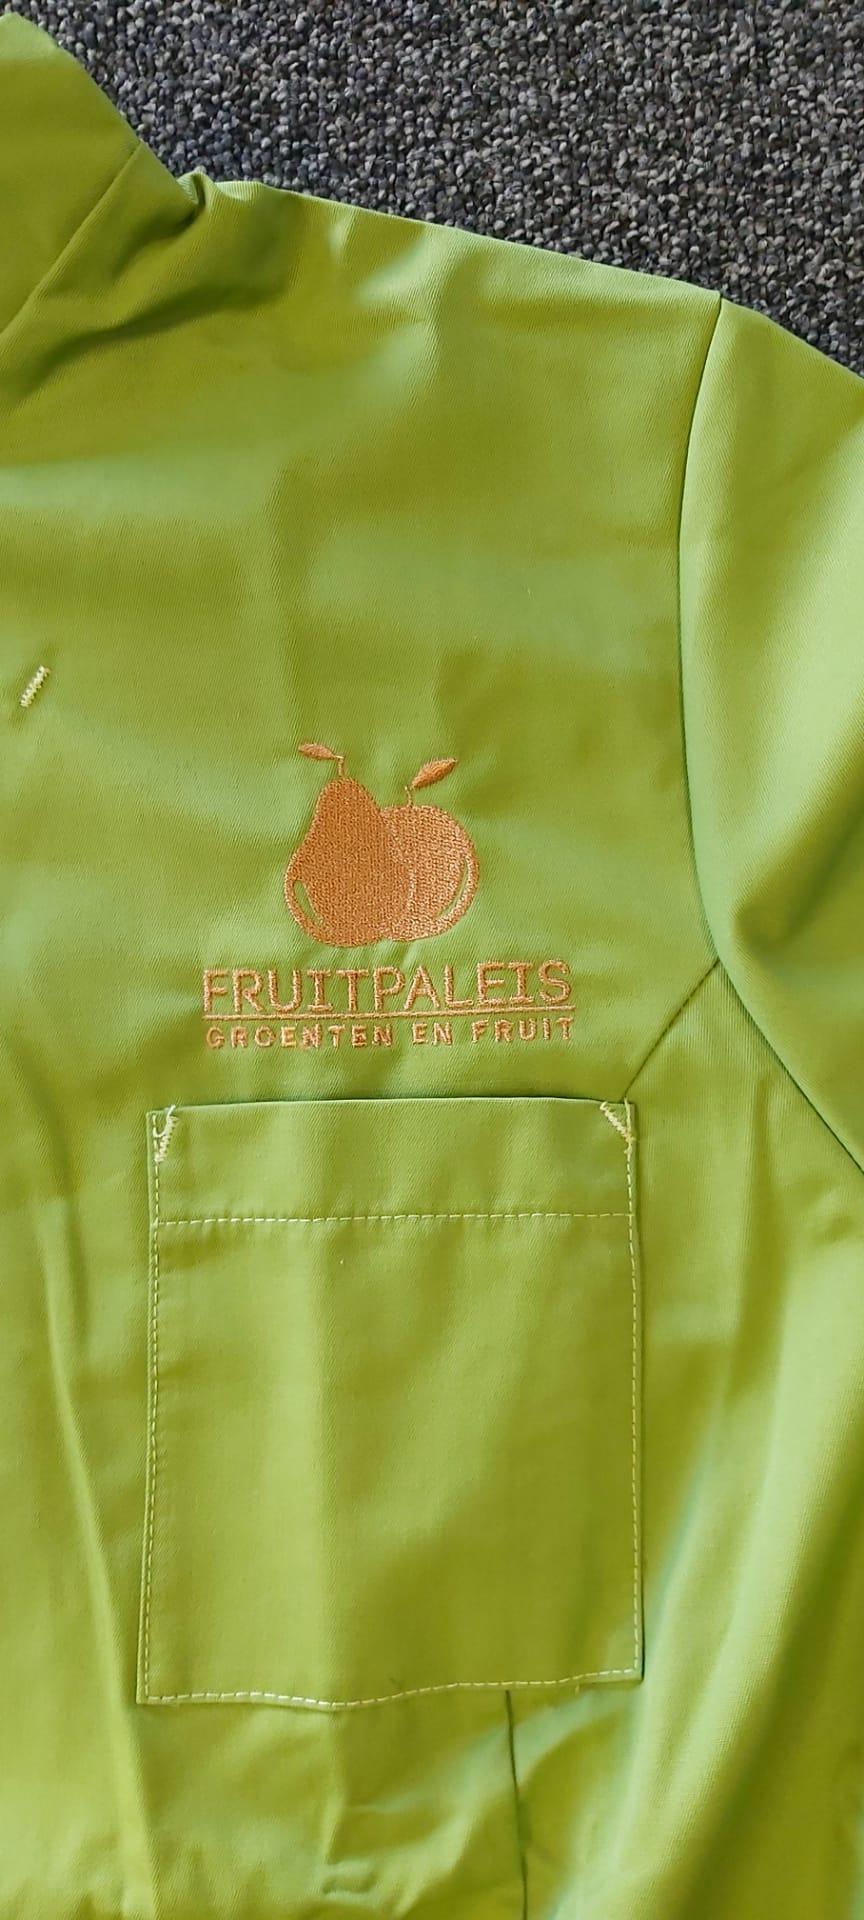 geborduurd logo Fruitpaleis